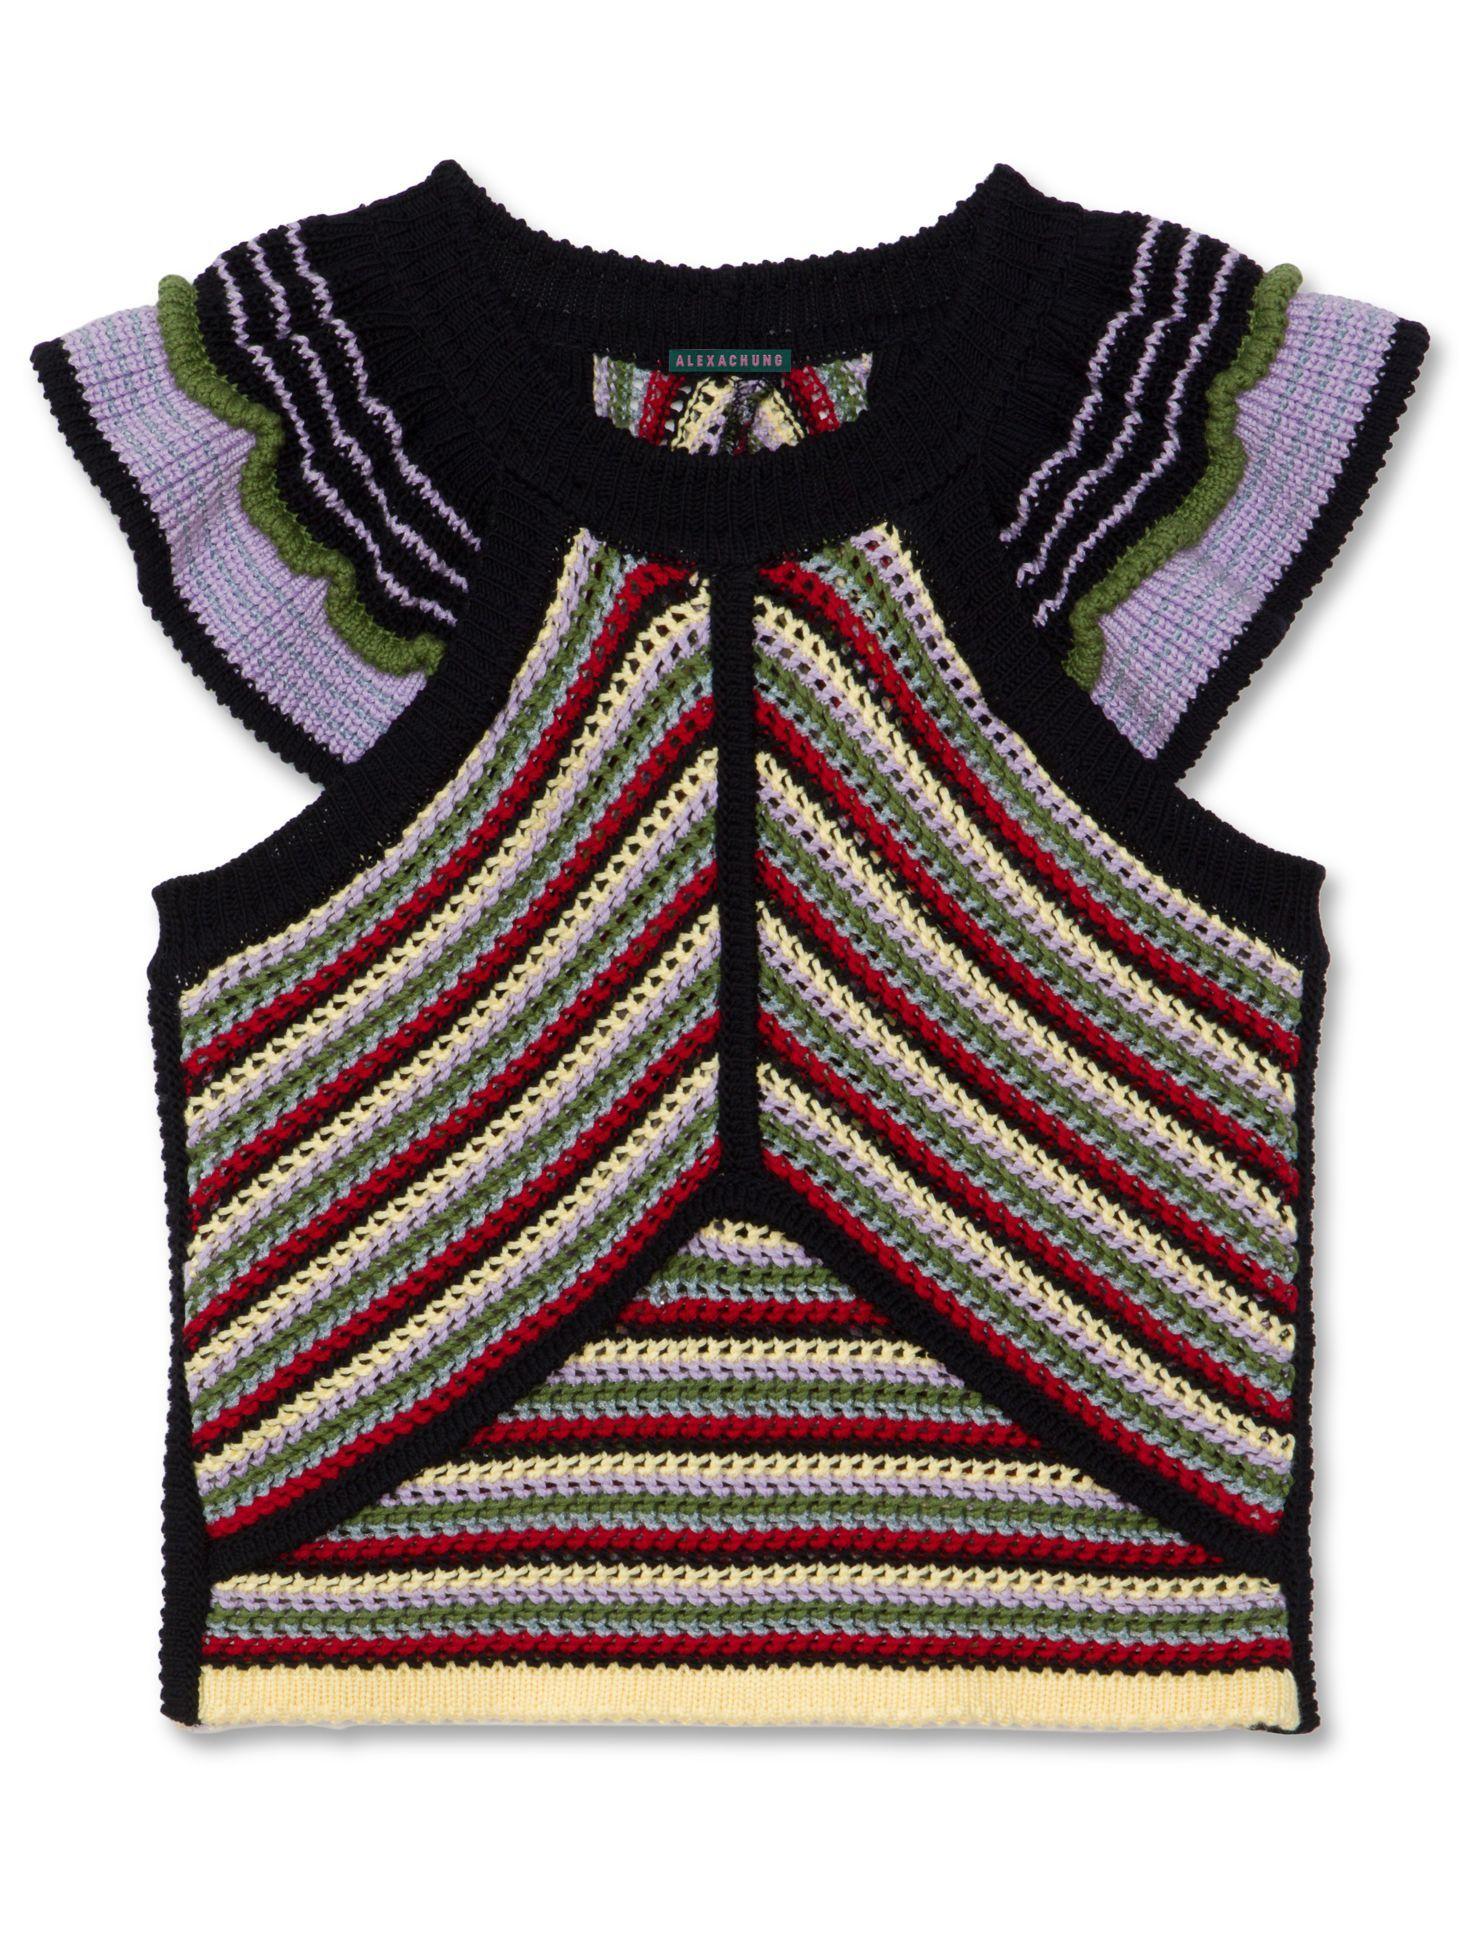 7971204932c Mixed Crochet Top